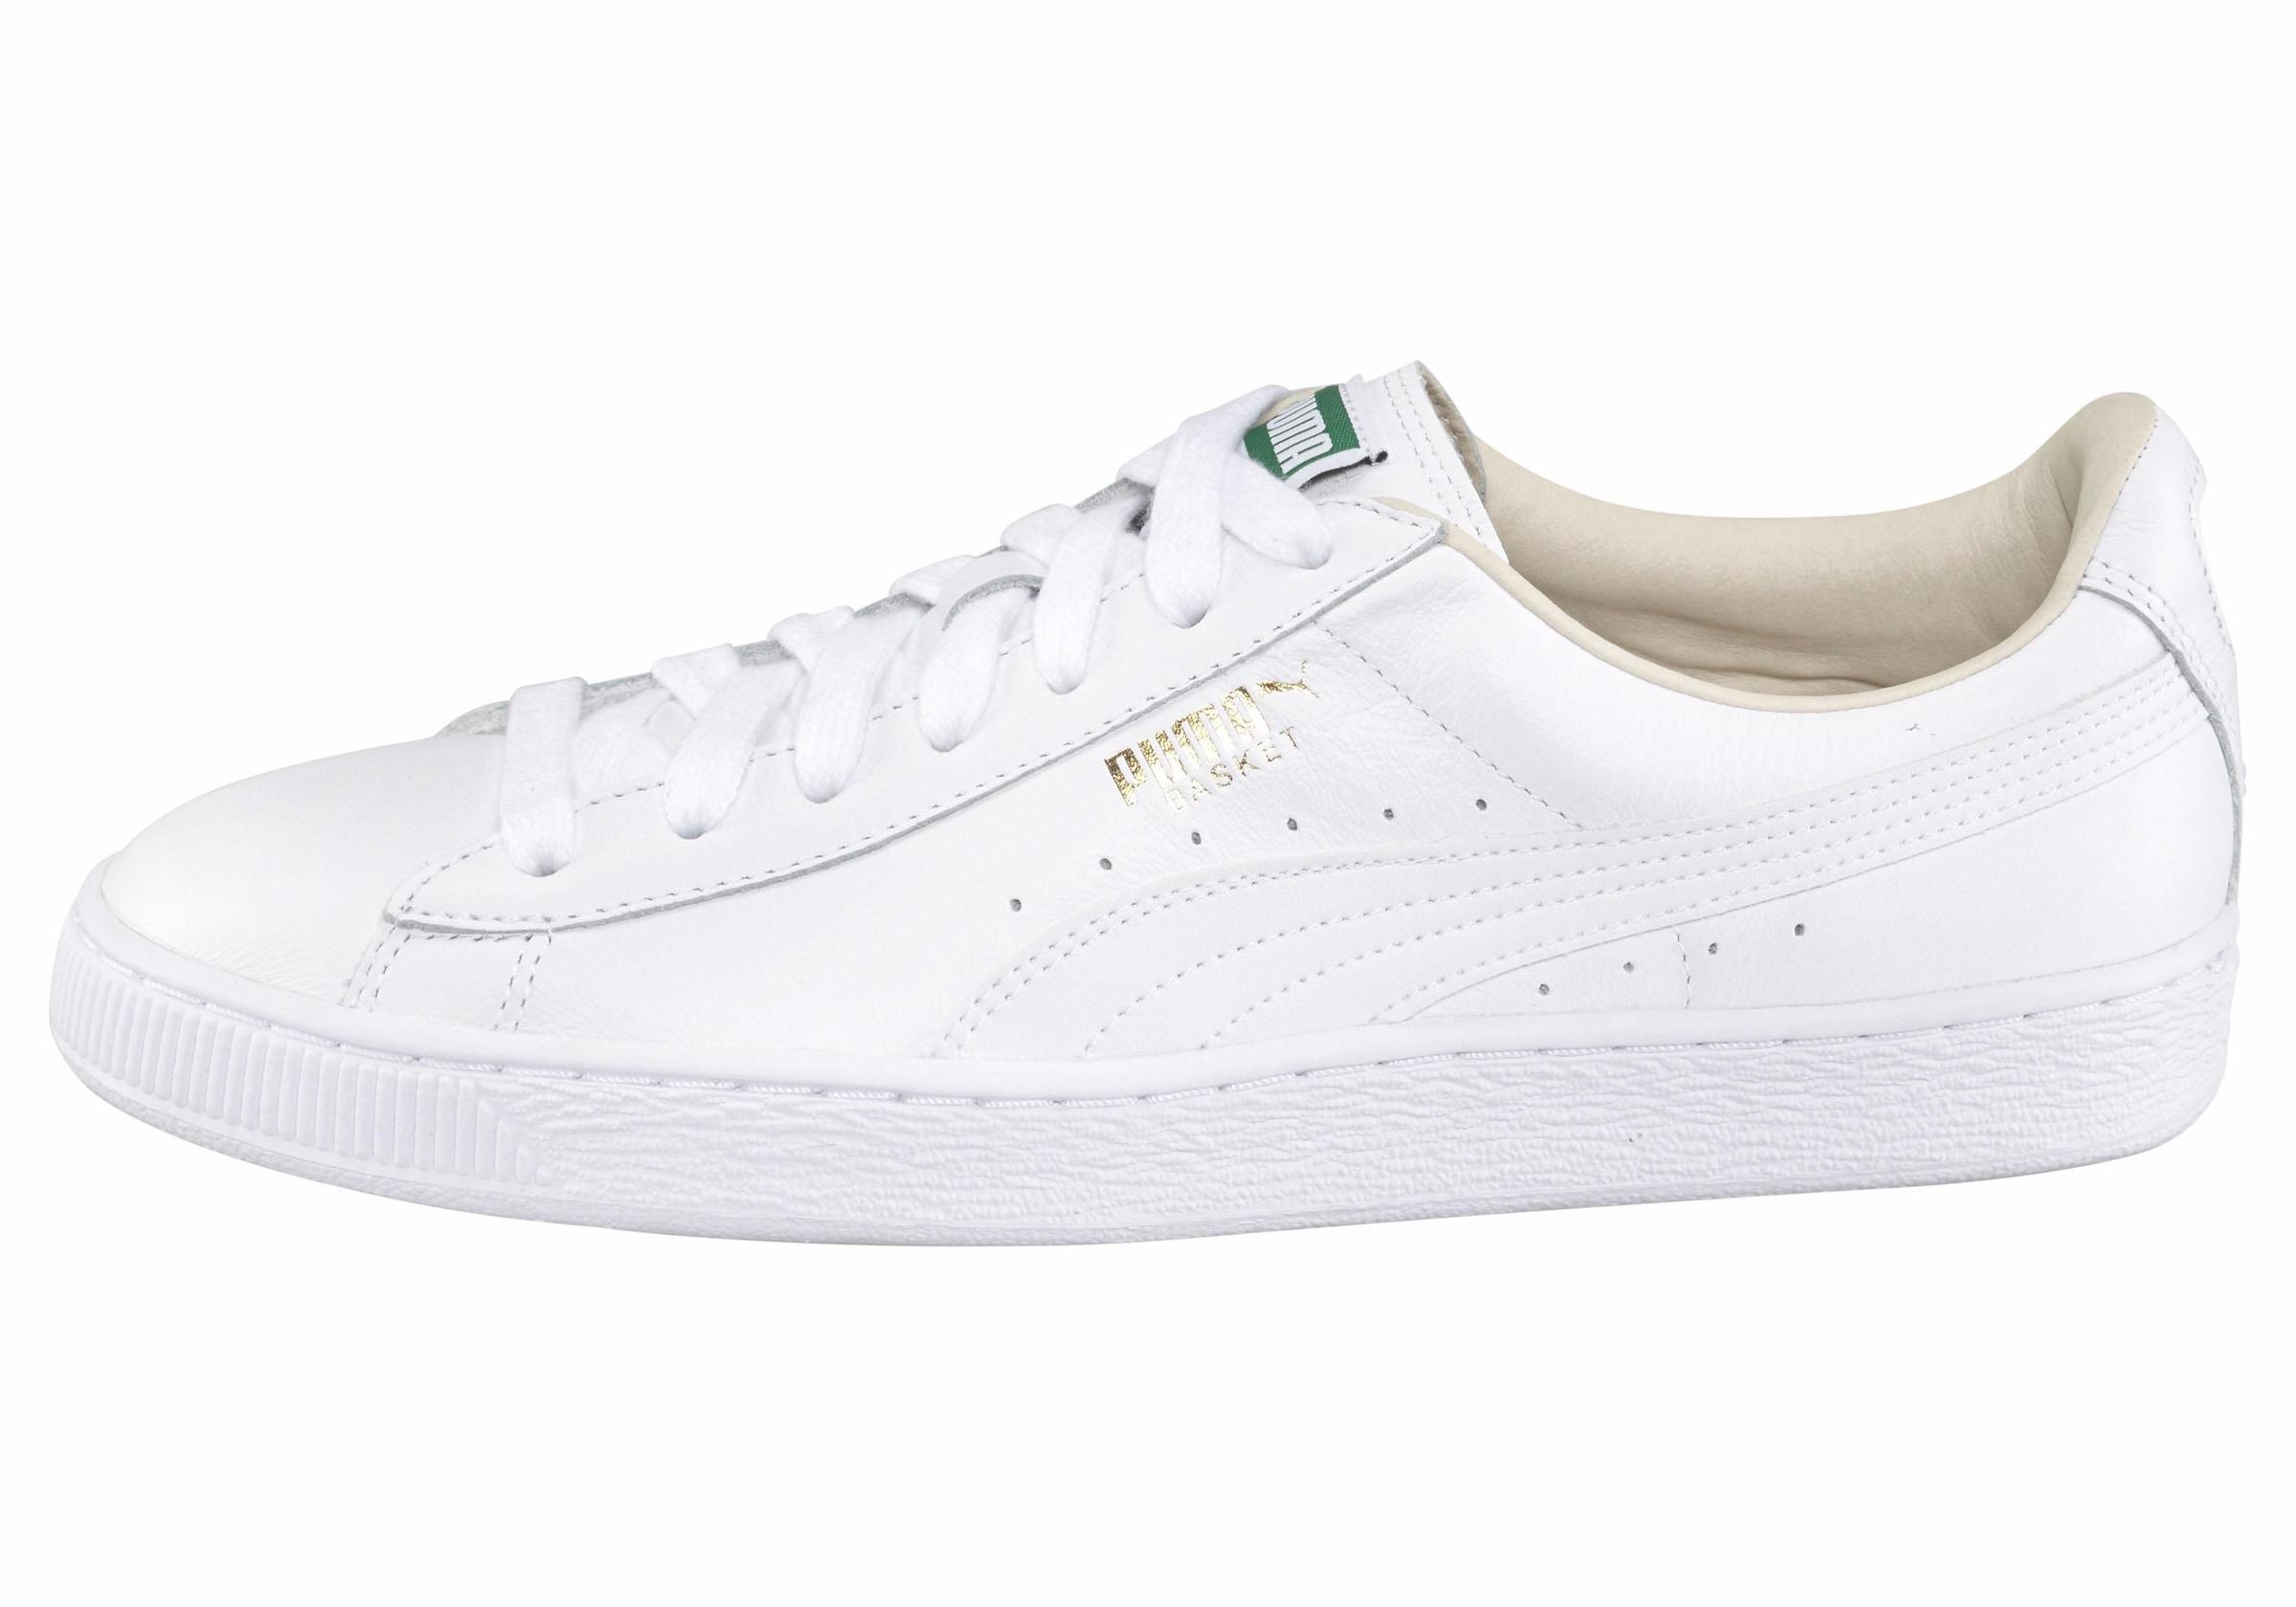 PUMB Sneaker  ;Basket Classic LFS jetzt online es kaufen | Gutes Preis-Leistungs-Verhältnis, es online lohnt sich,Trend-3148 0eec37